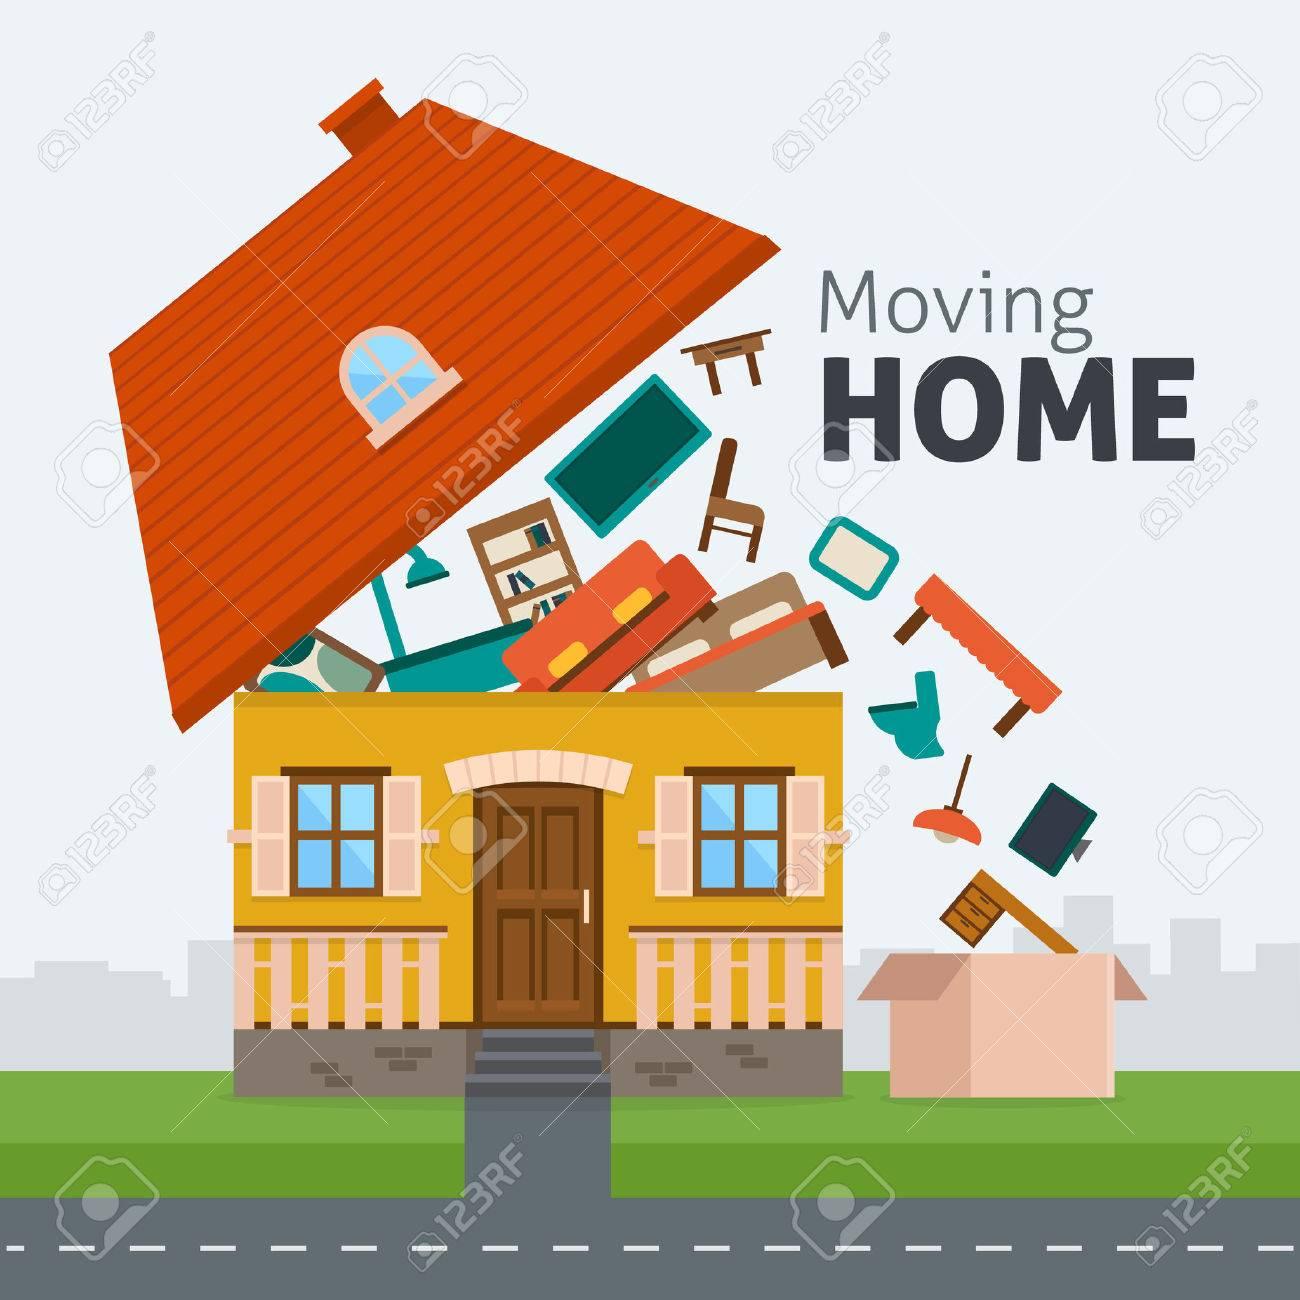 Umzug Nach Hause Familie Aus Dem Haus Mit Mobeln Im Feld Zu Bewegen